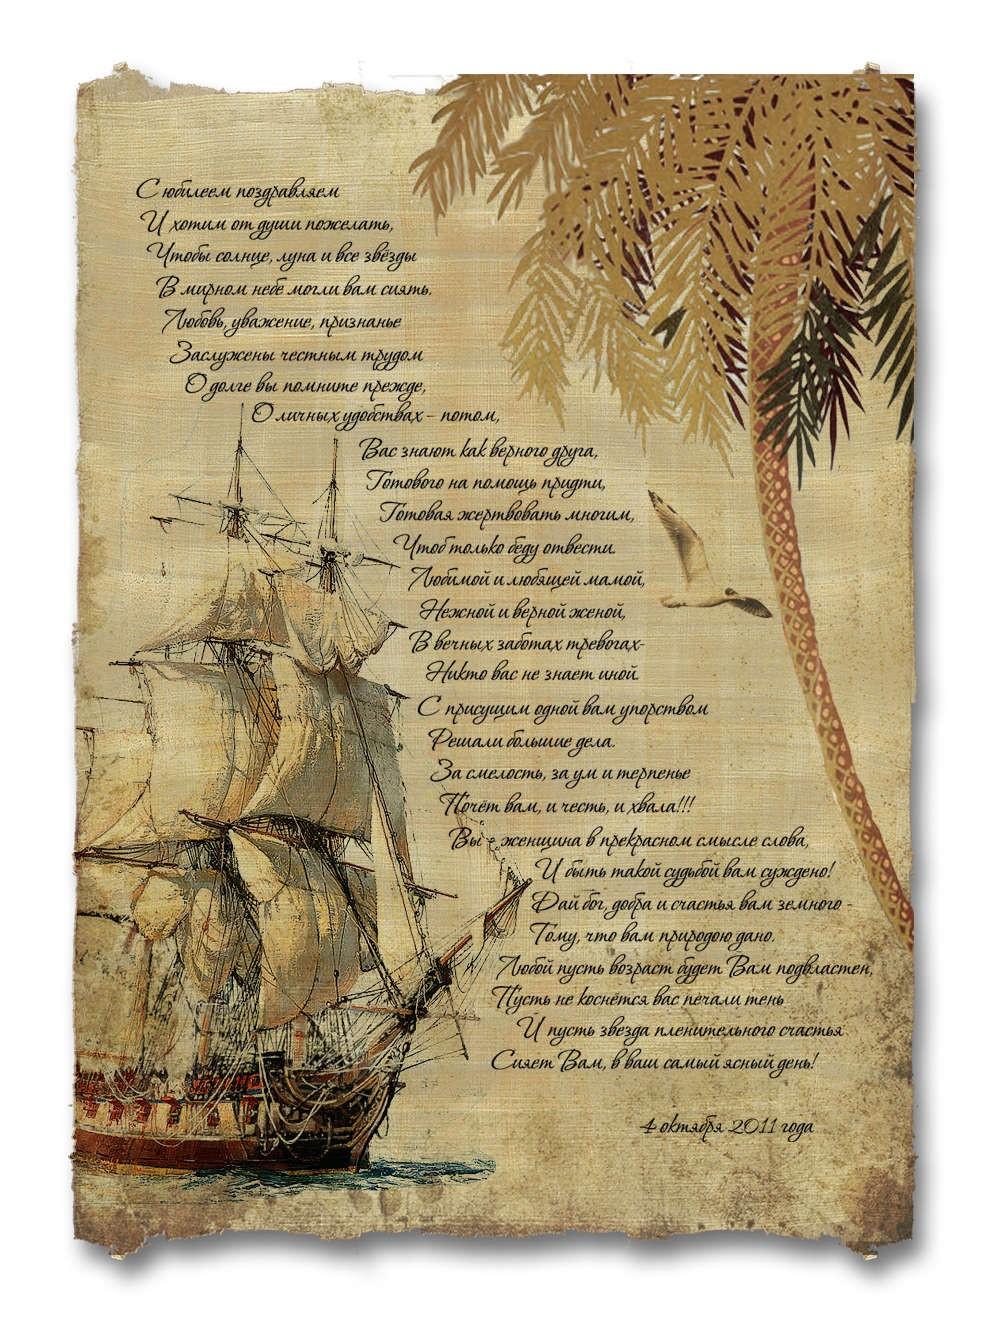 Поздравление в стихах на свадьбу в морском стиле